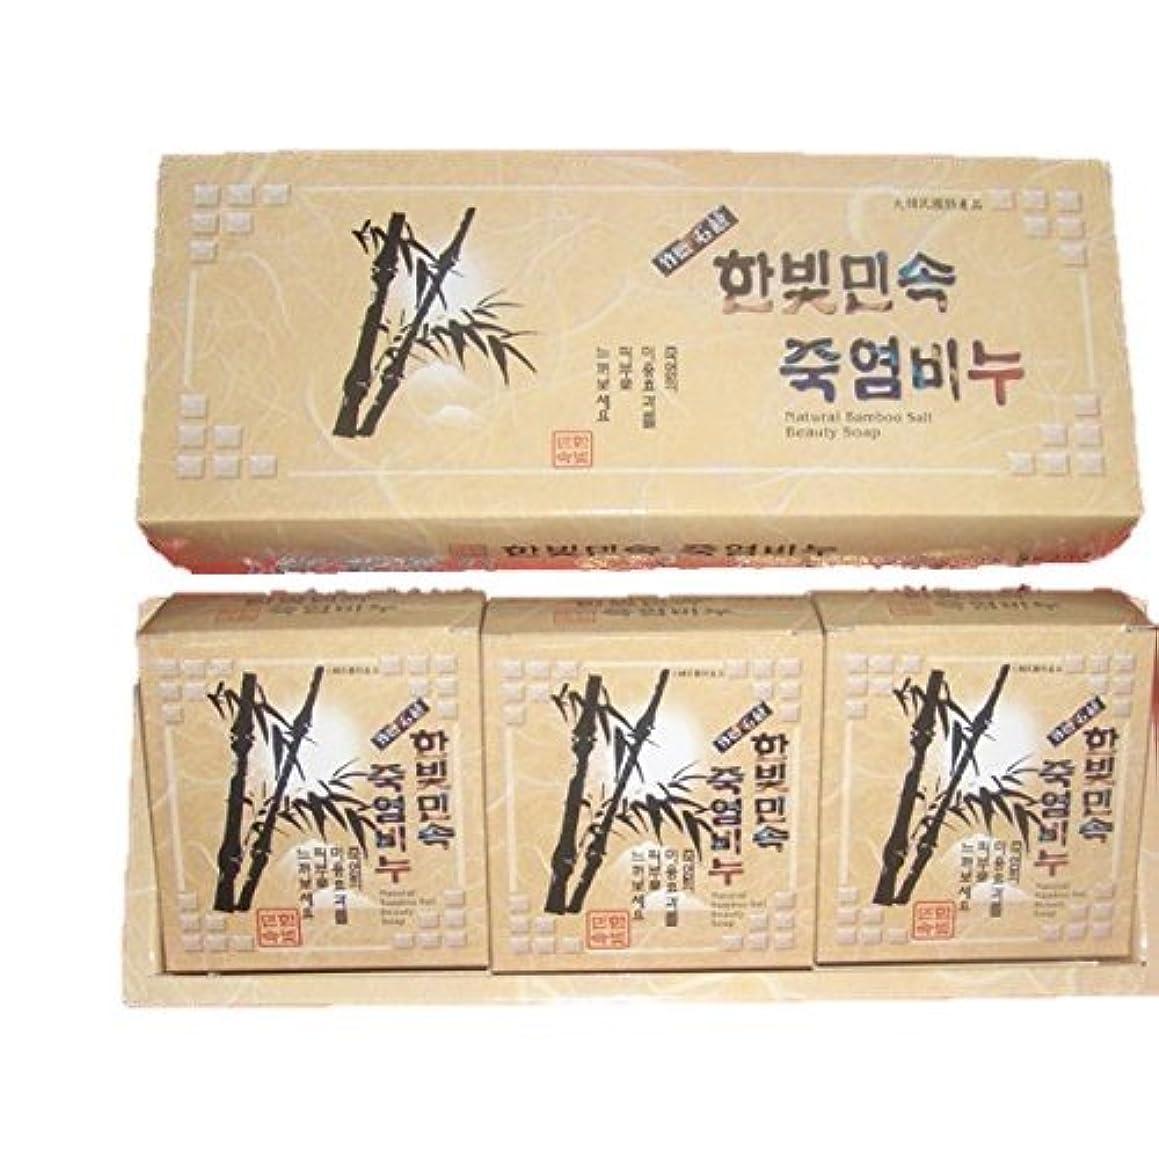 投獄タイヤ控える(韓国ブランド) 竹塩石鹸 (3個×3セット)